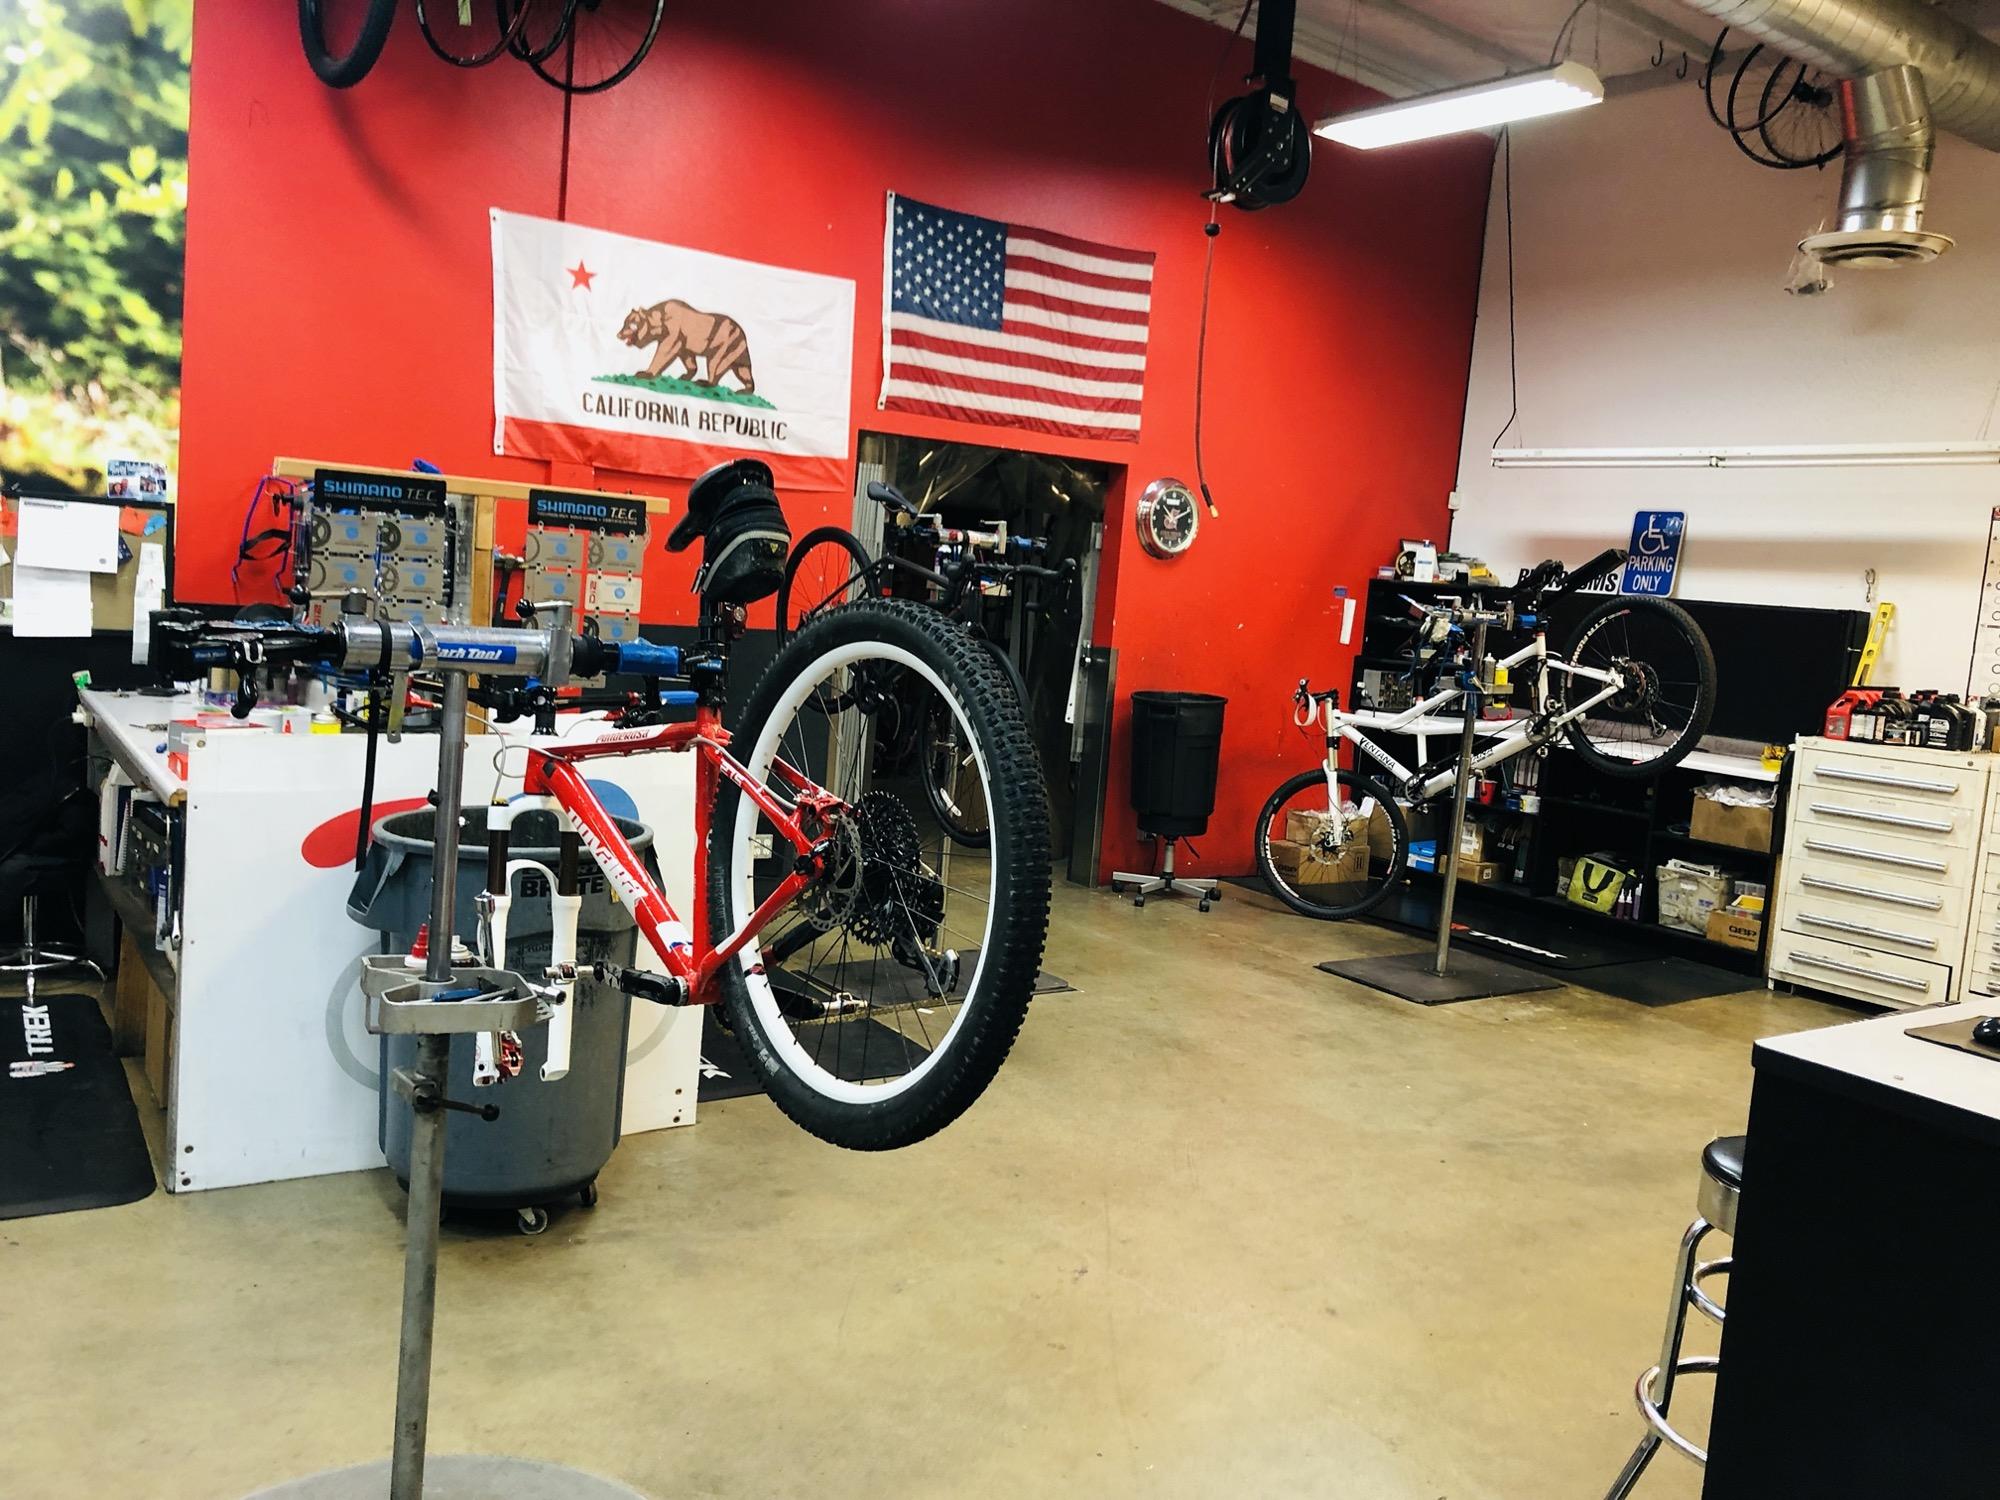 getting my bike fixed